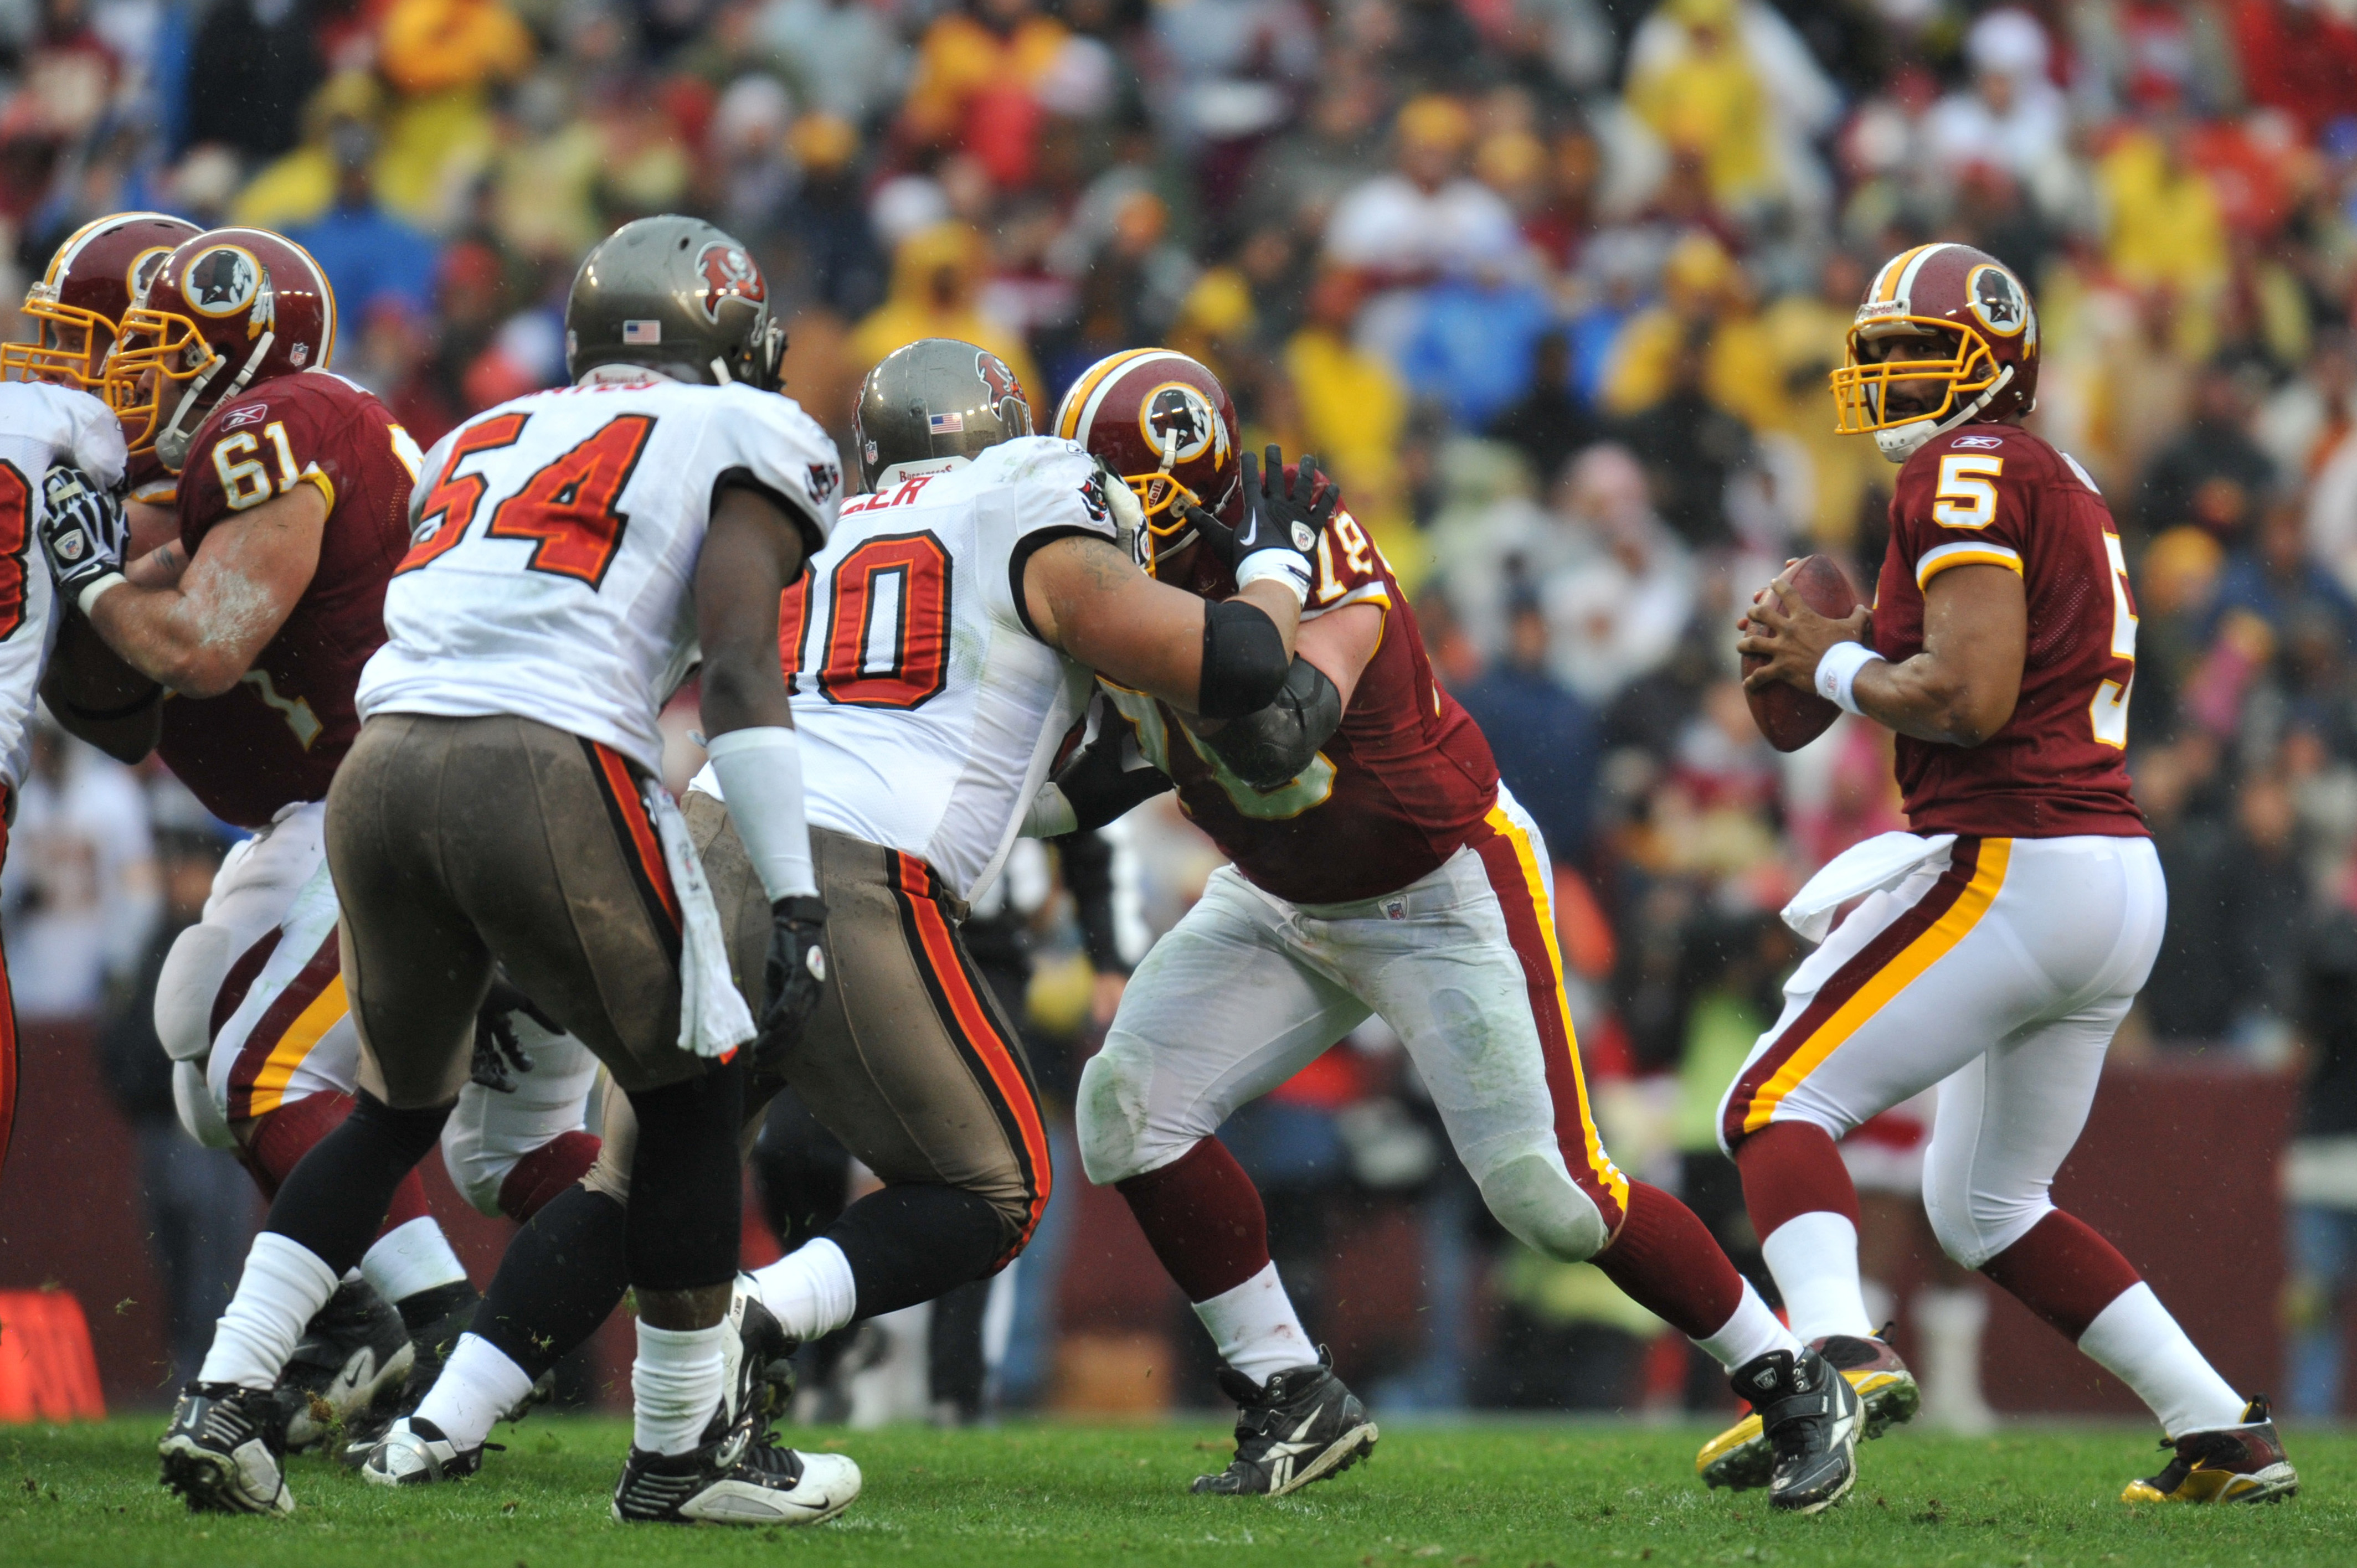 Donovan McNabb with the Washington Redskins